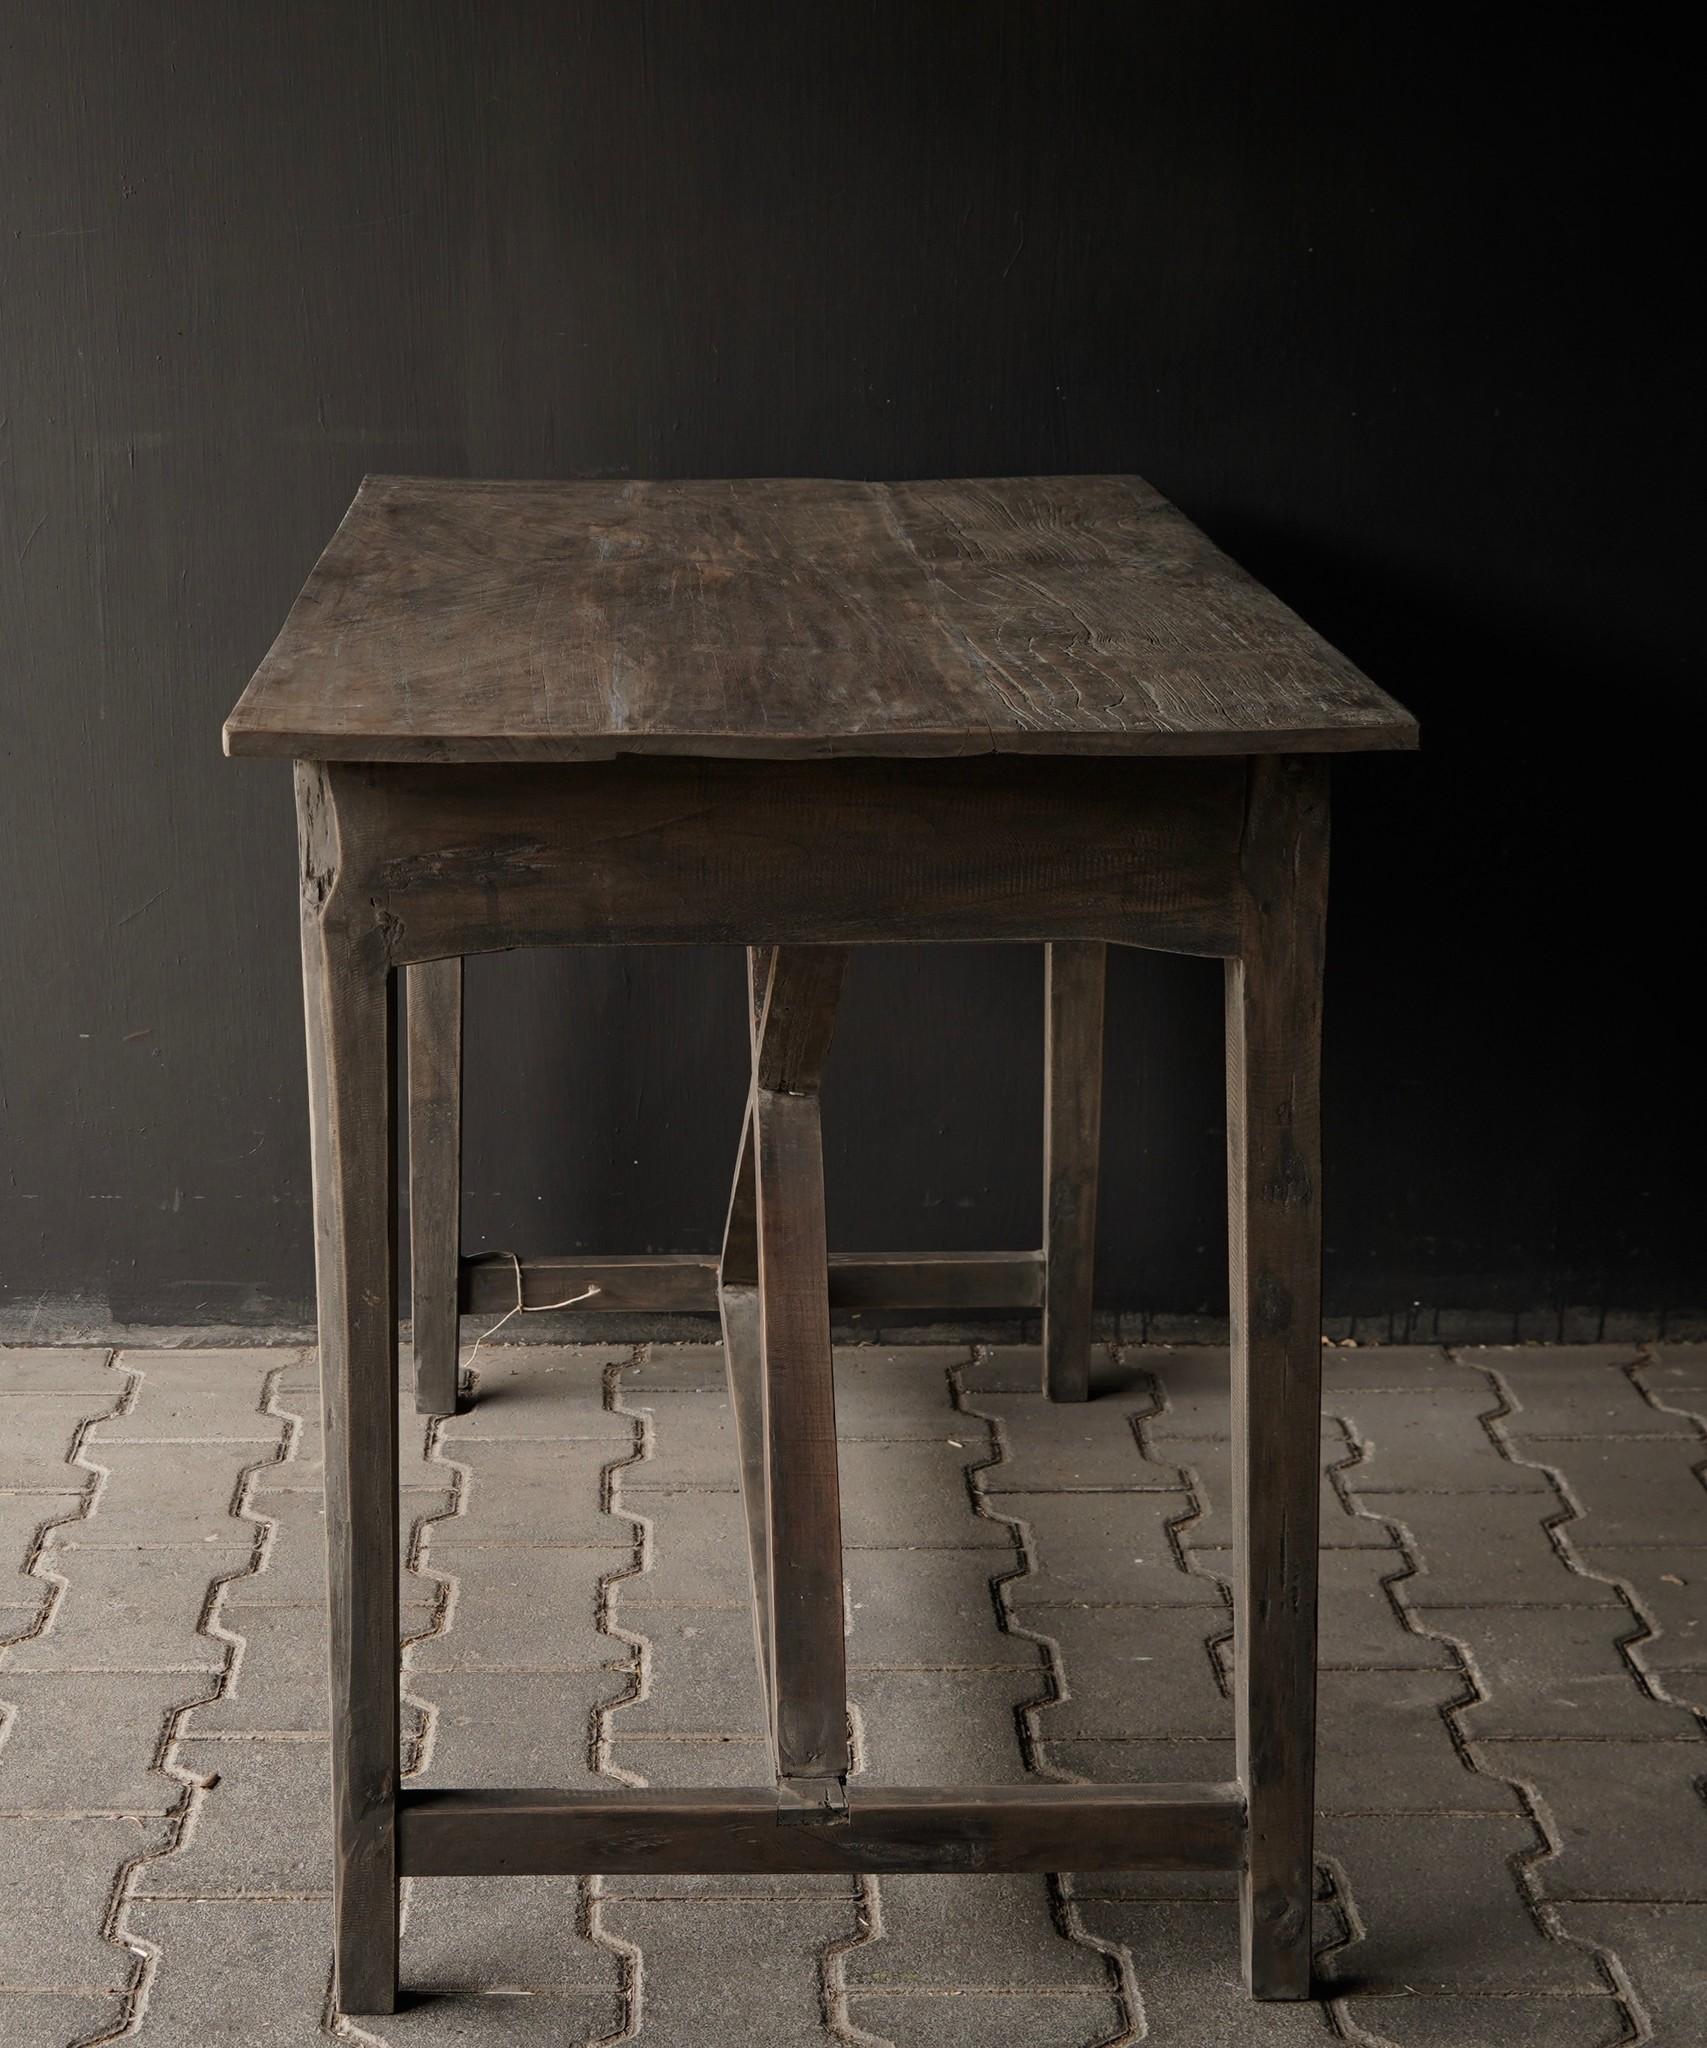 Stoer oud Sidetable/muurtafel oud hout met een lade-4